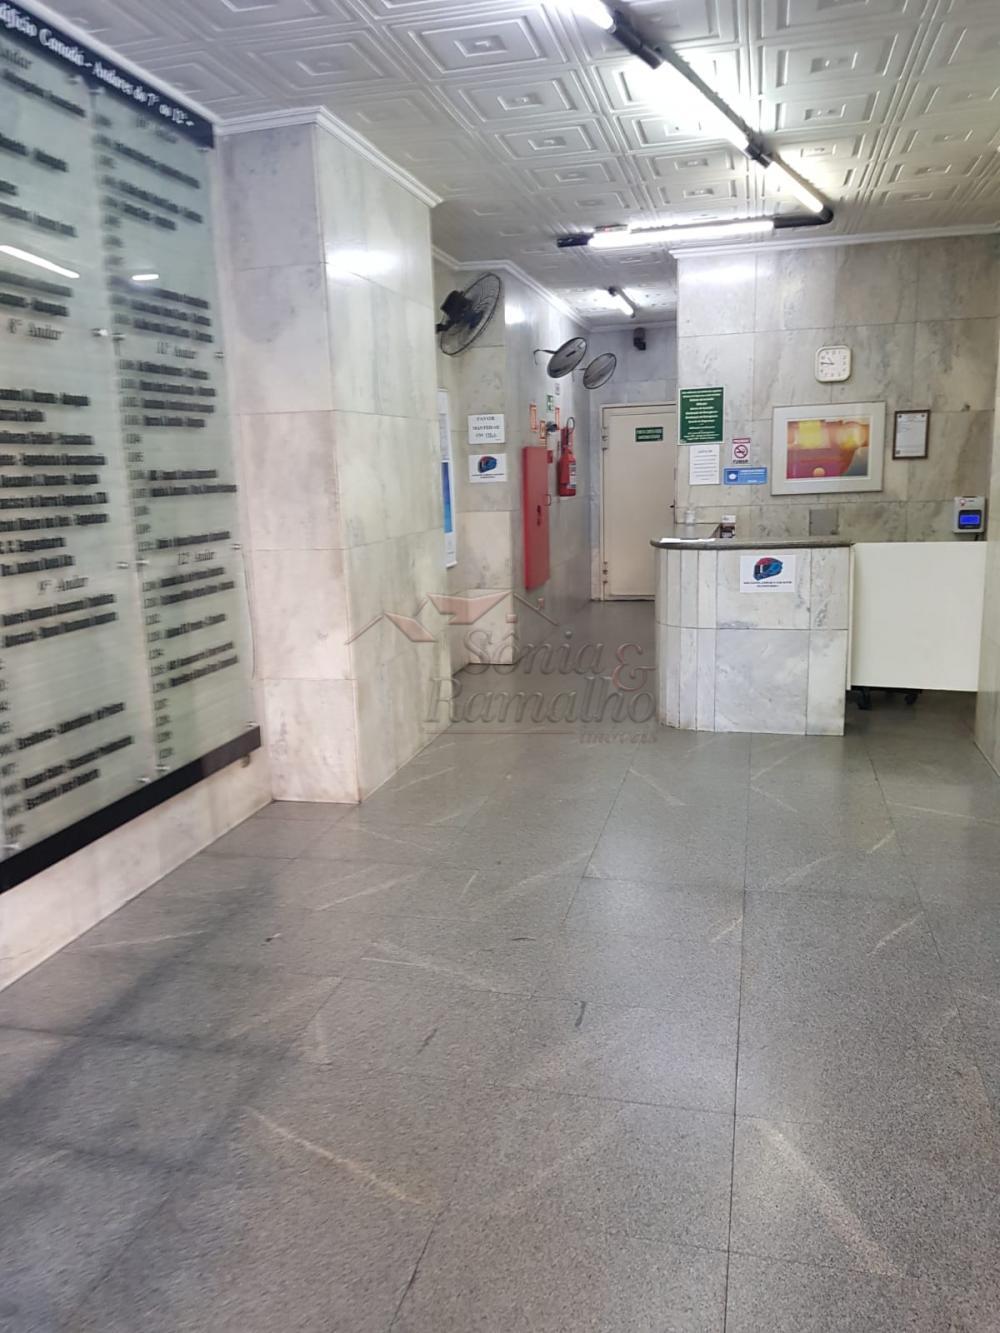 Alugar Comercial / Sala comercial em Ribeirão Preto R$ 900,00 - Foto 4